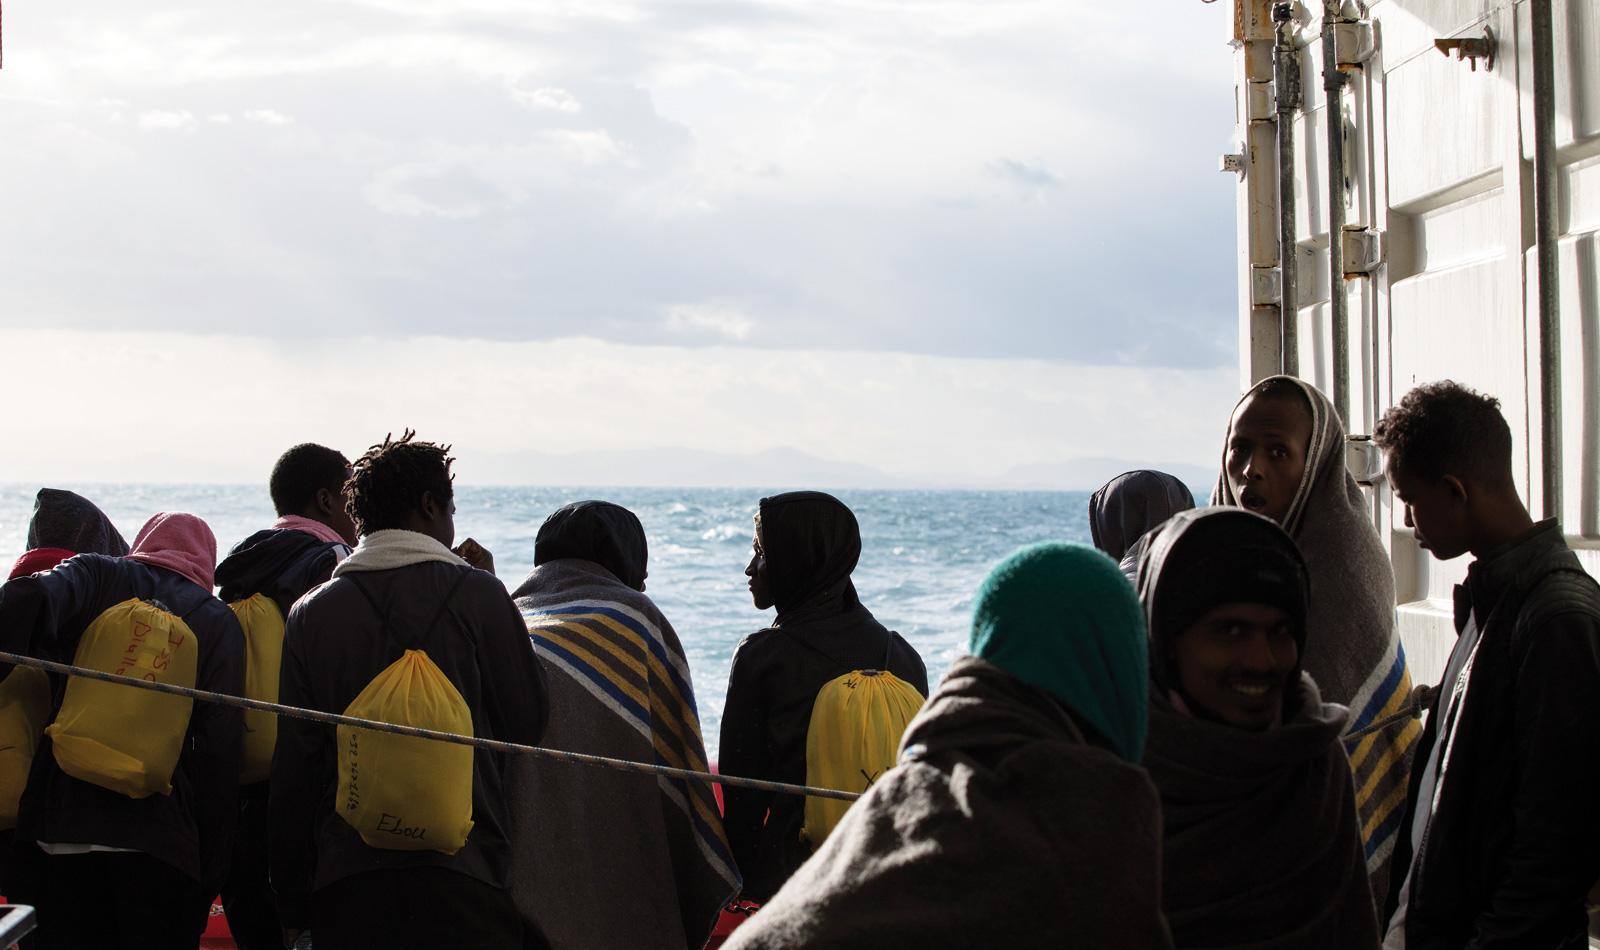 En samling med människor blickar ut över havet.